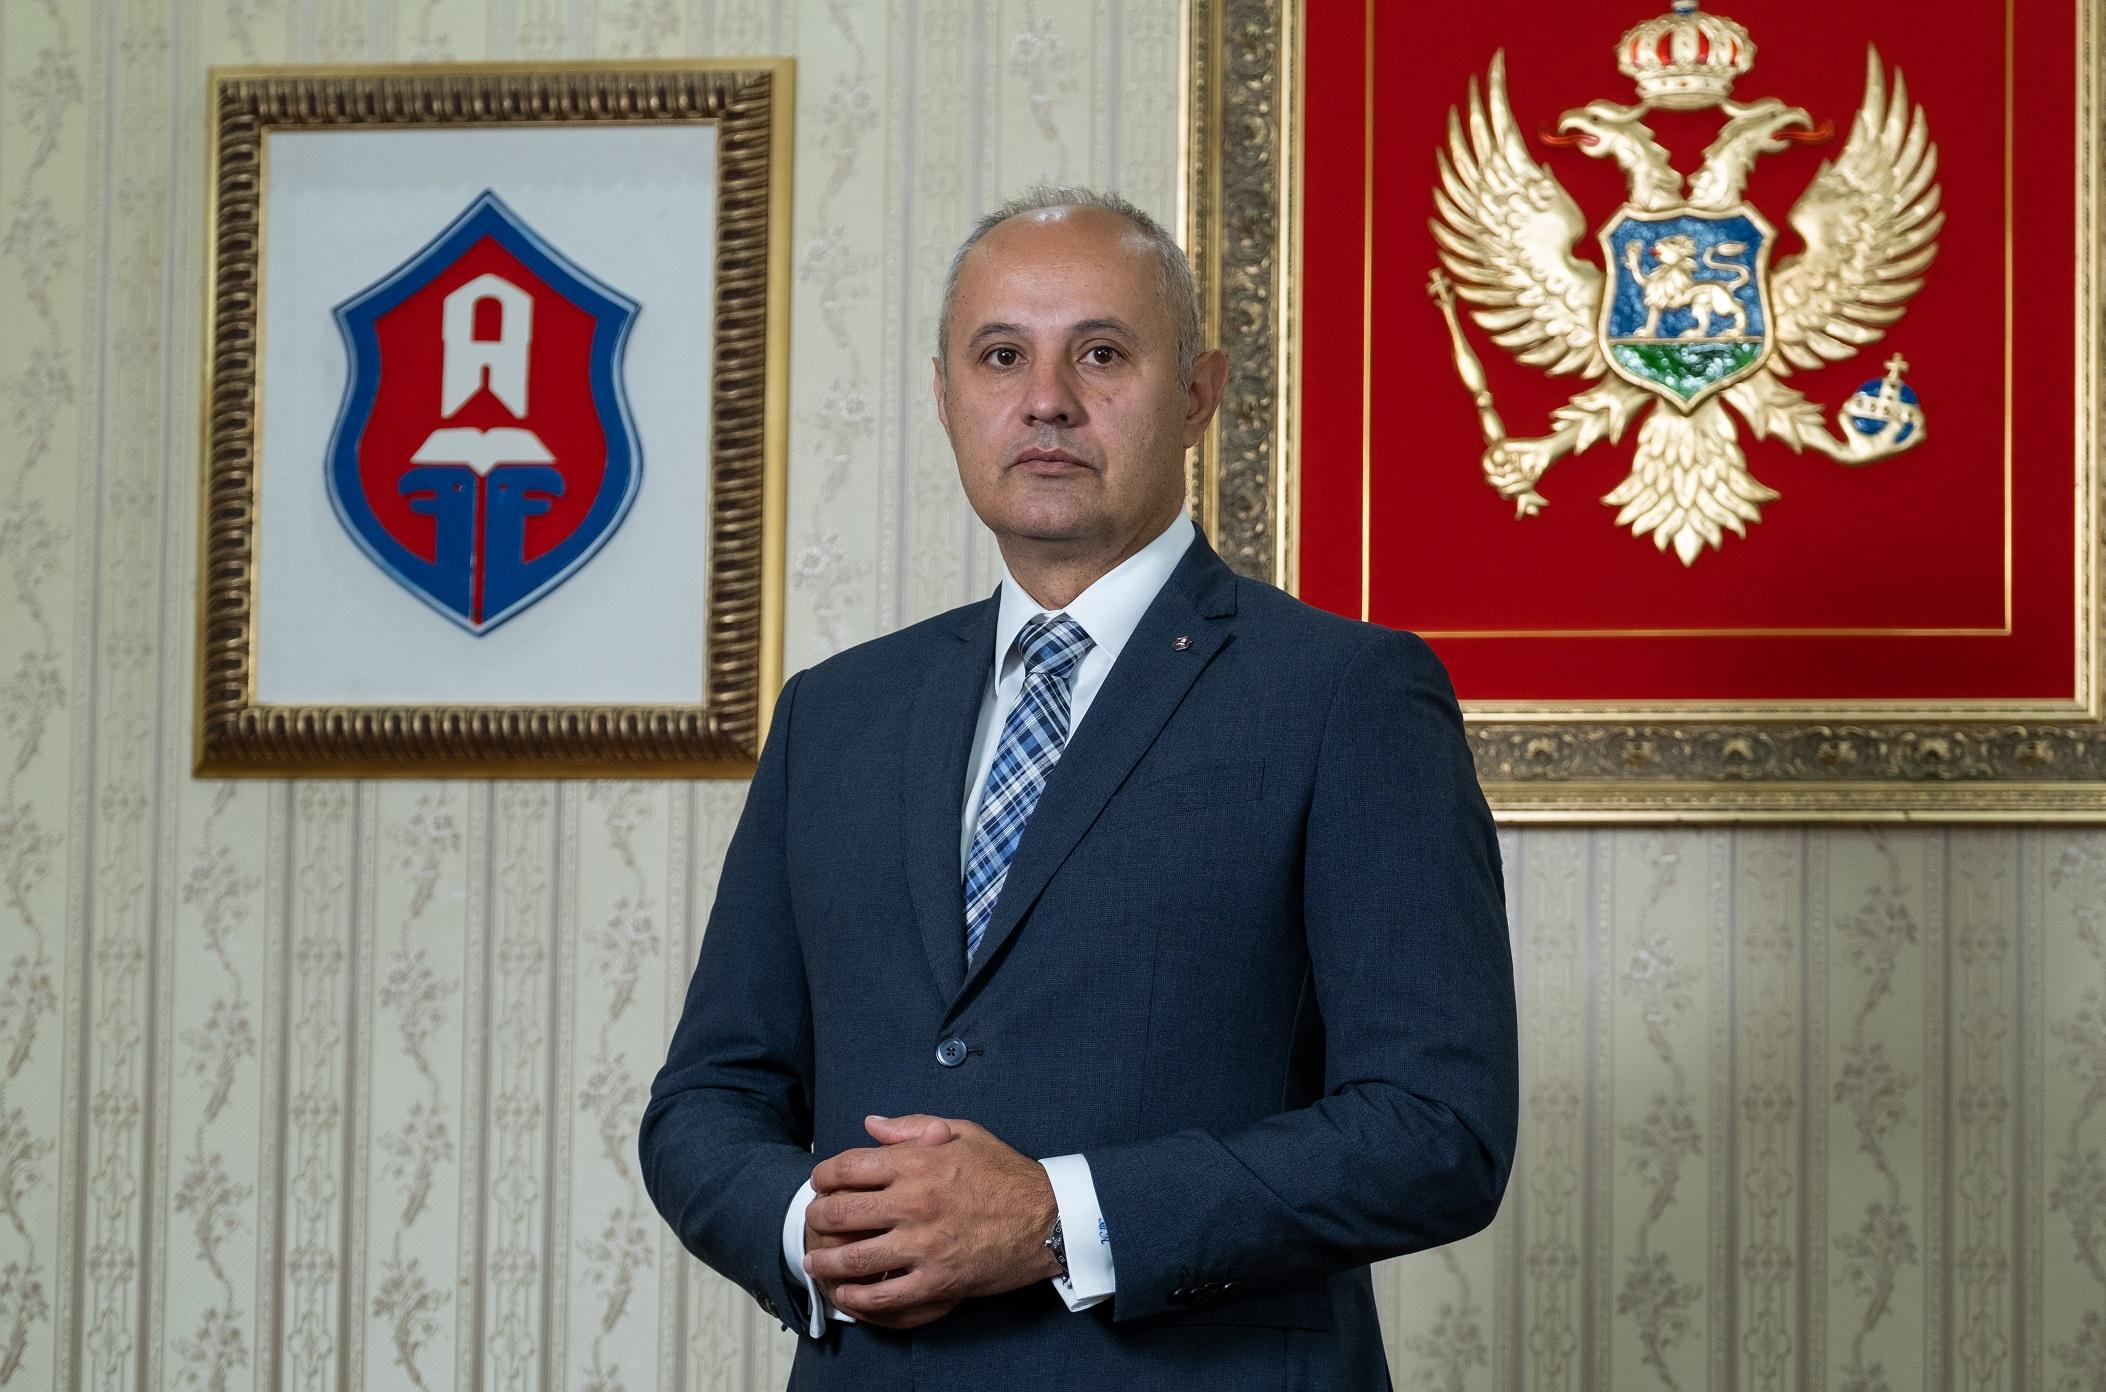 Gradonačelnik Prijestonice: Mir i ljudski životi nemaju cijenu